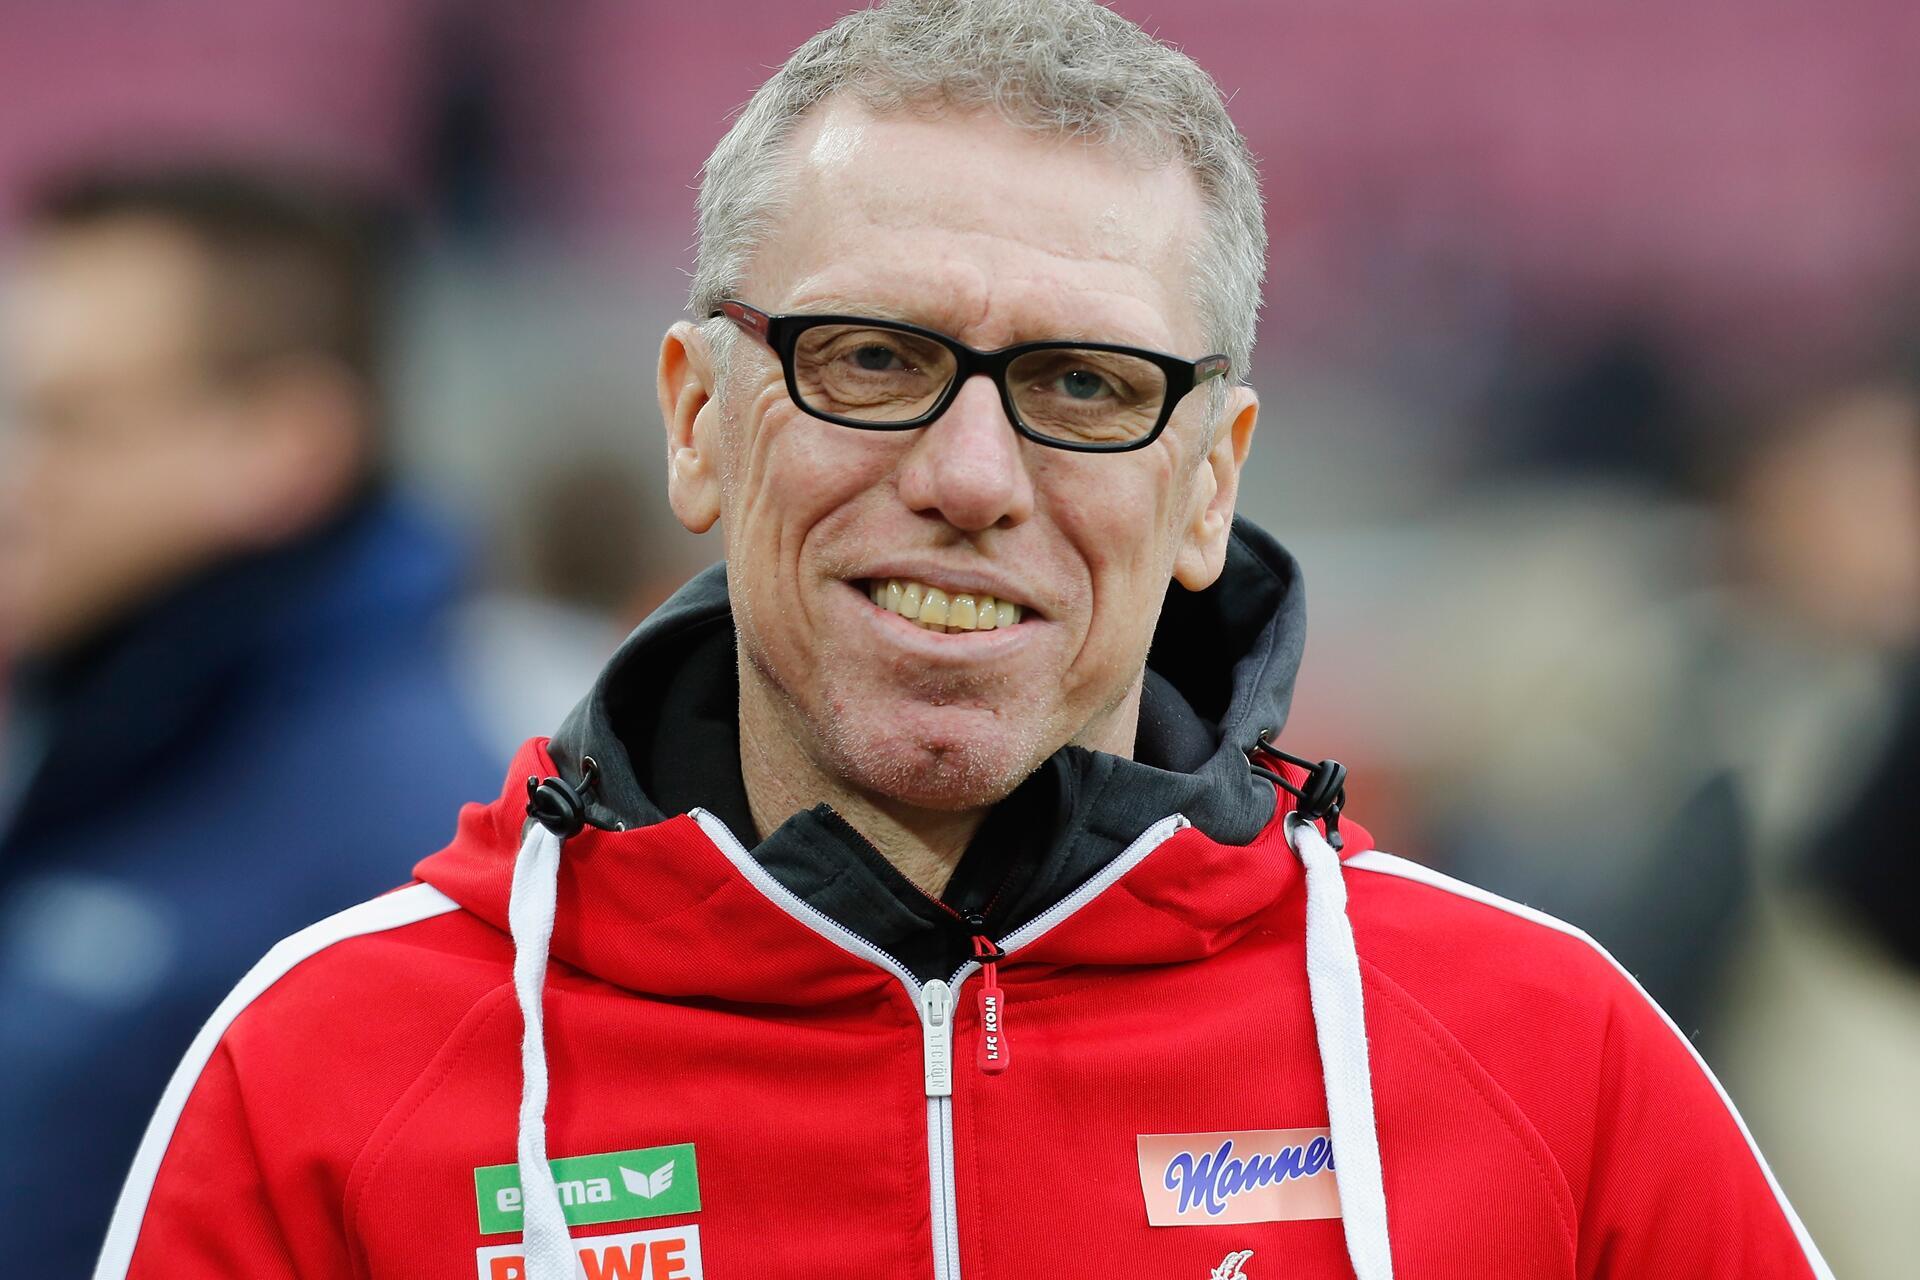 CHÍNH THỨC: Dortmund sa thải HLV Peter Bosz, bổ nhiệm HLV không ngờ đến - Bóng Đá